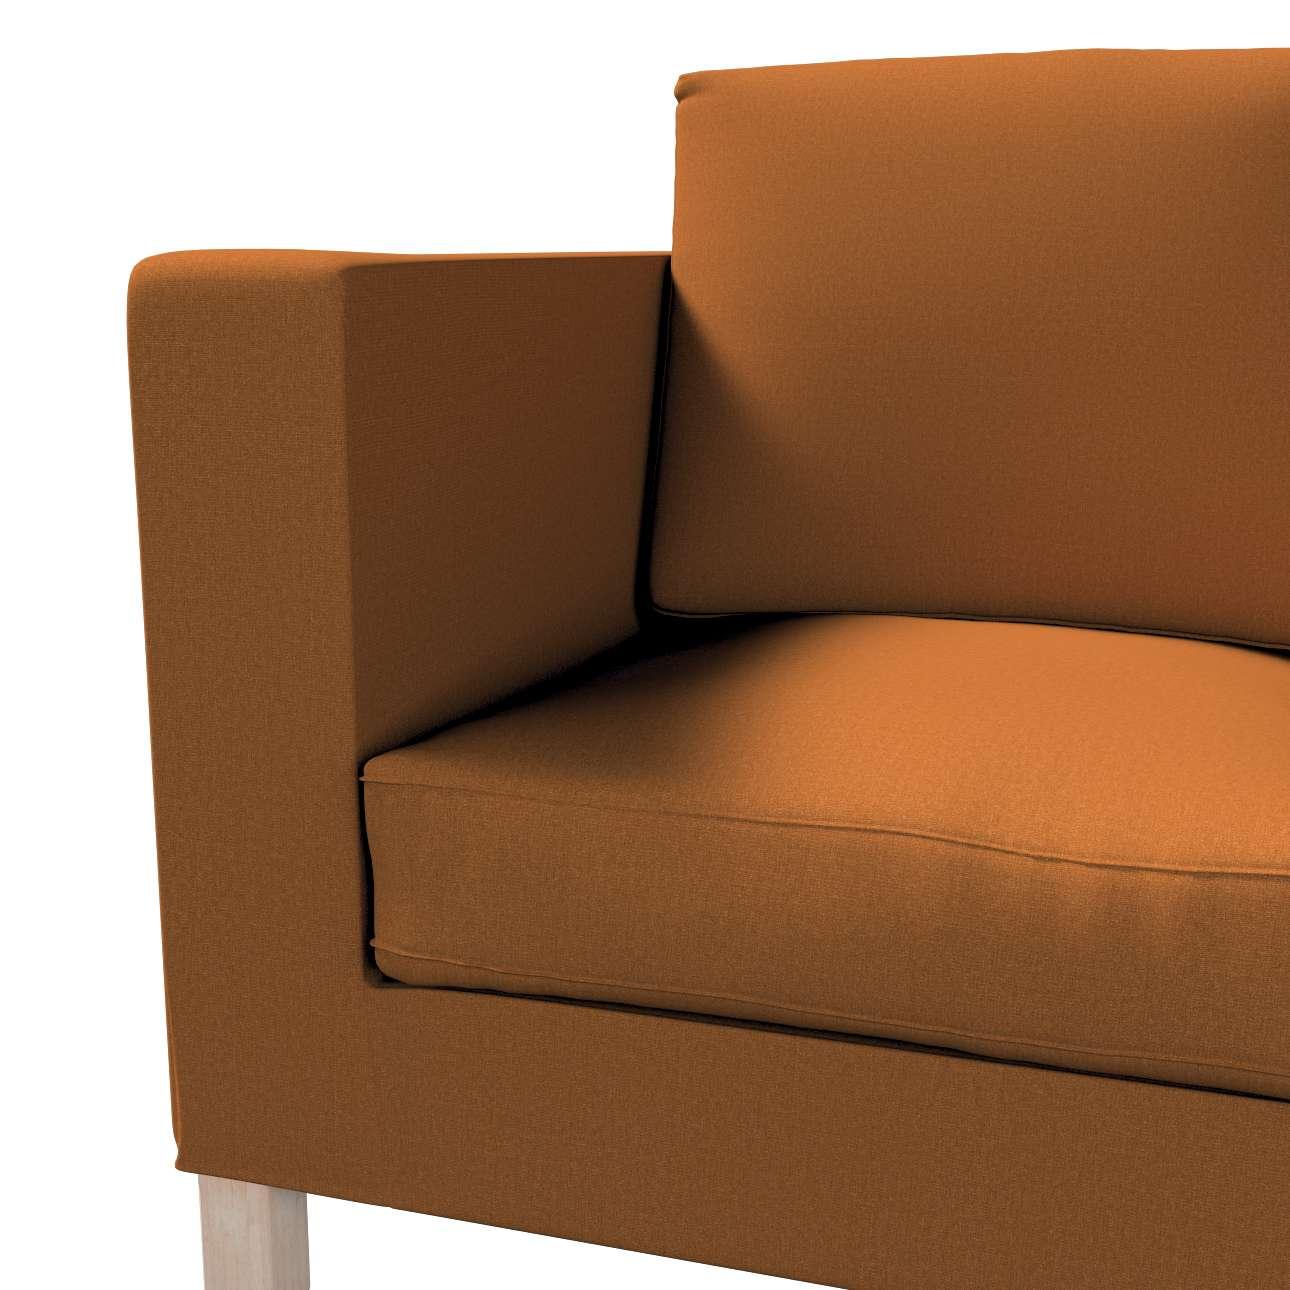 Bezug für Karlanda 2-Sitzer Sofa nicht ausklappbar, kurz von der Kollektion Living II, Stoff: 161-28